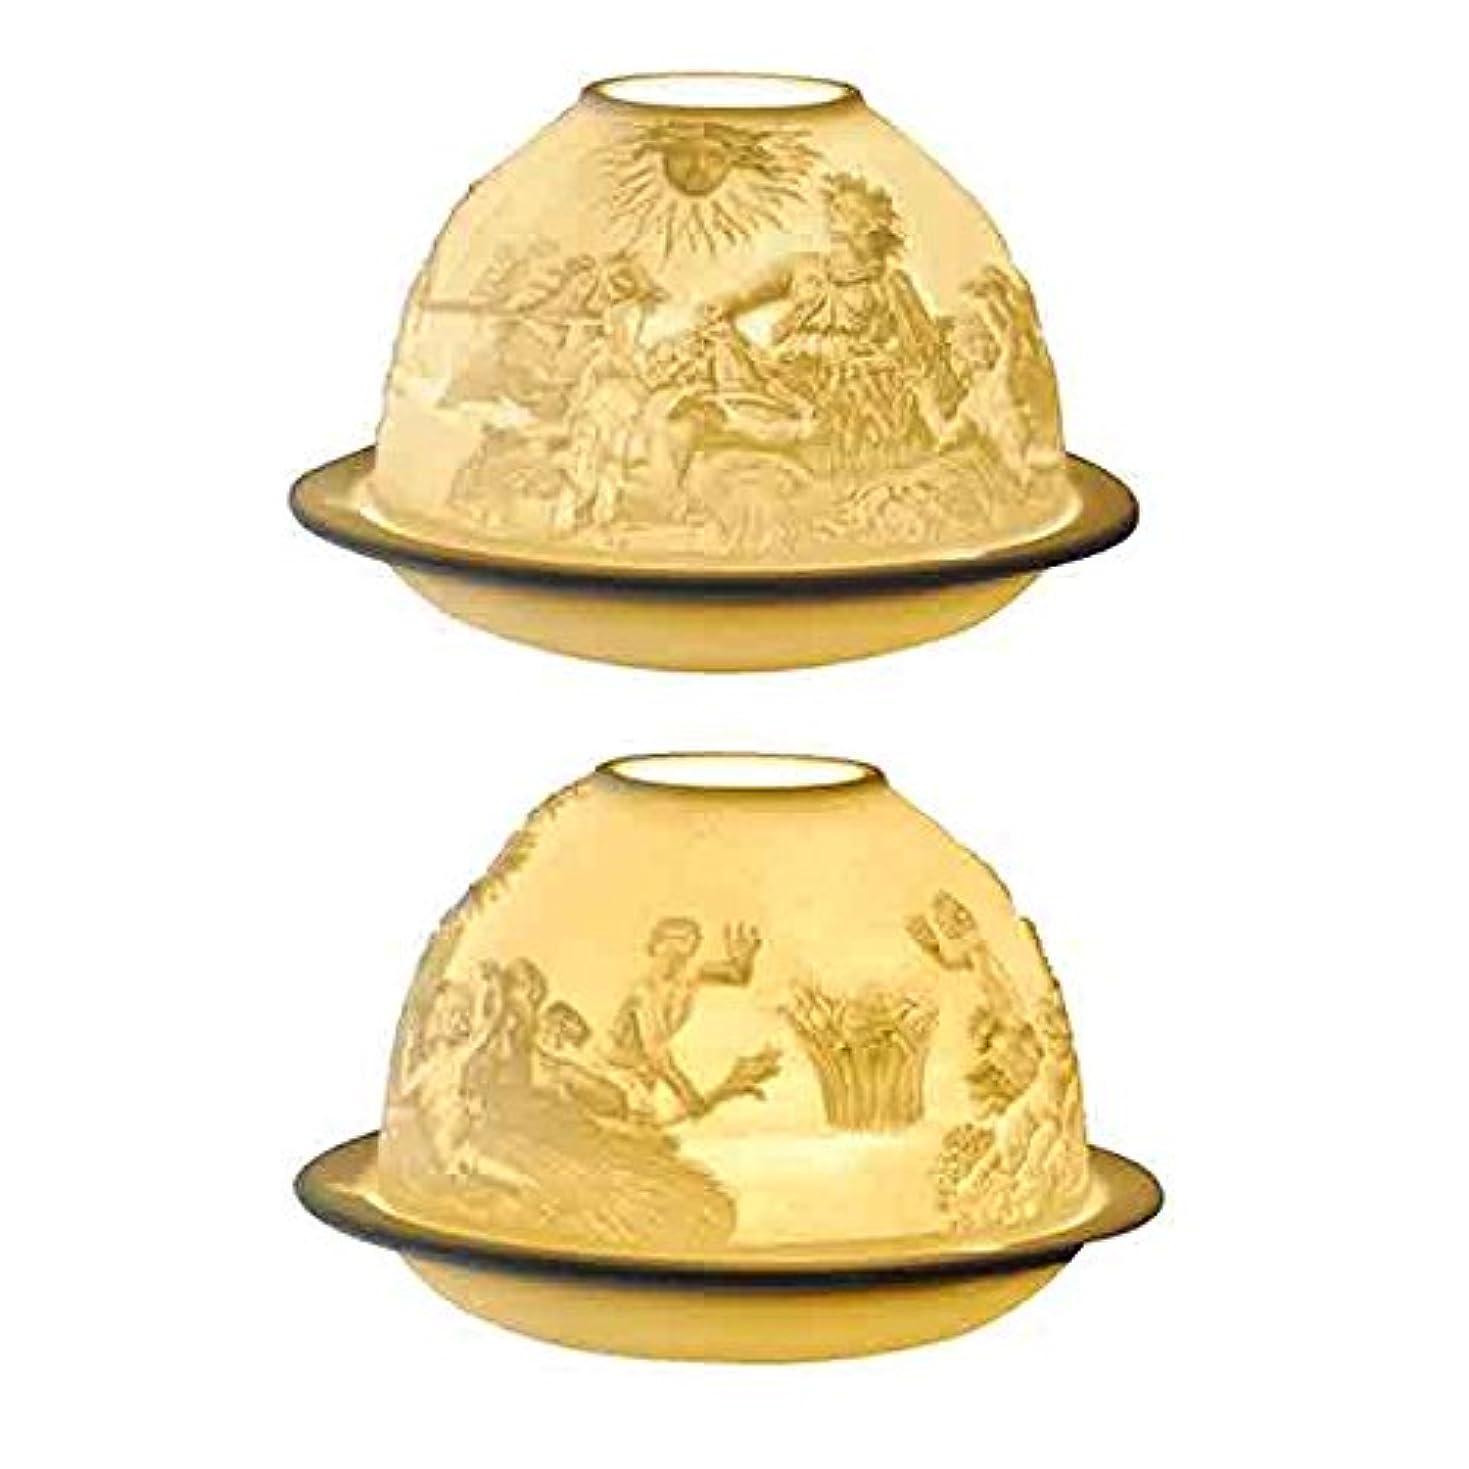 指令やさしいうめき声ベルナルド[BERNARDAUD] キャンドル用リトファニー ランプ 「ヴェルサイユ宮殿の大噴水」フランス製 リモージュ